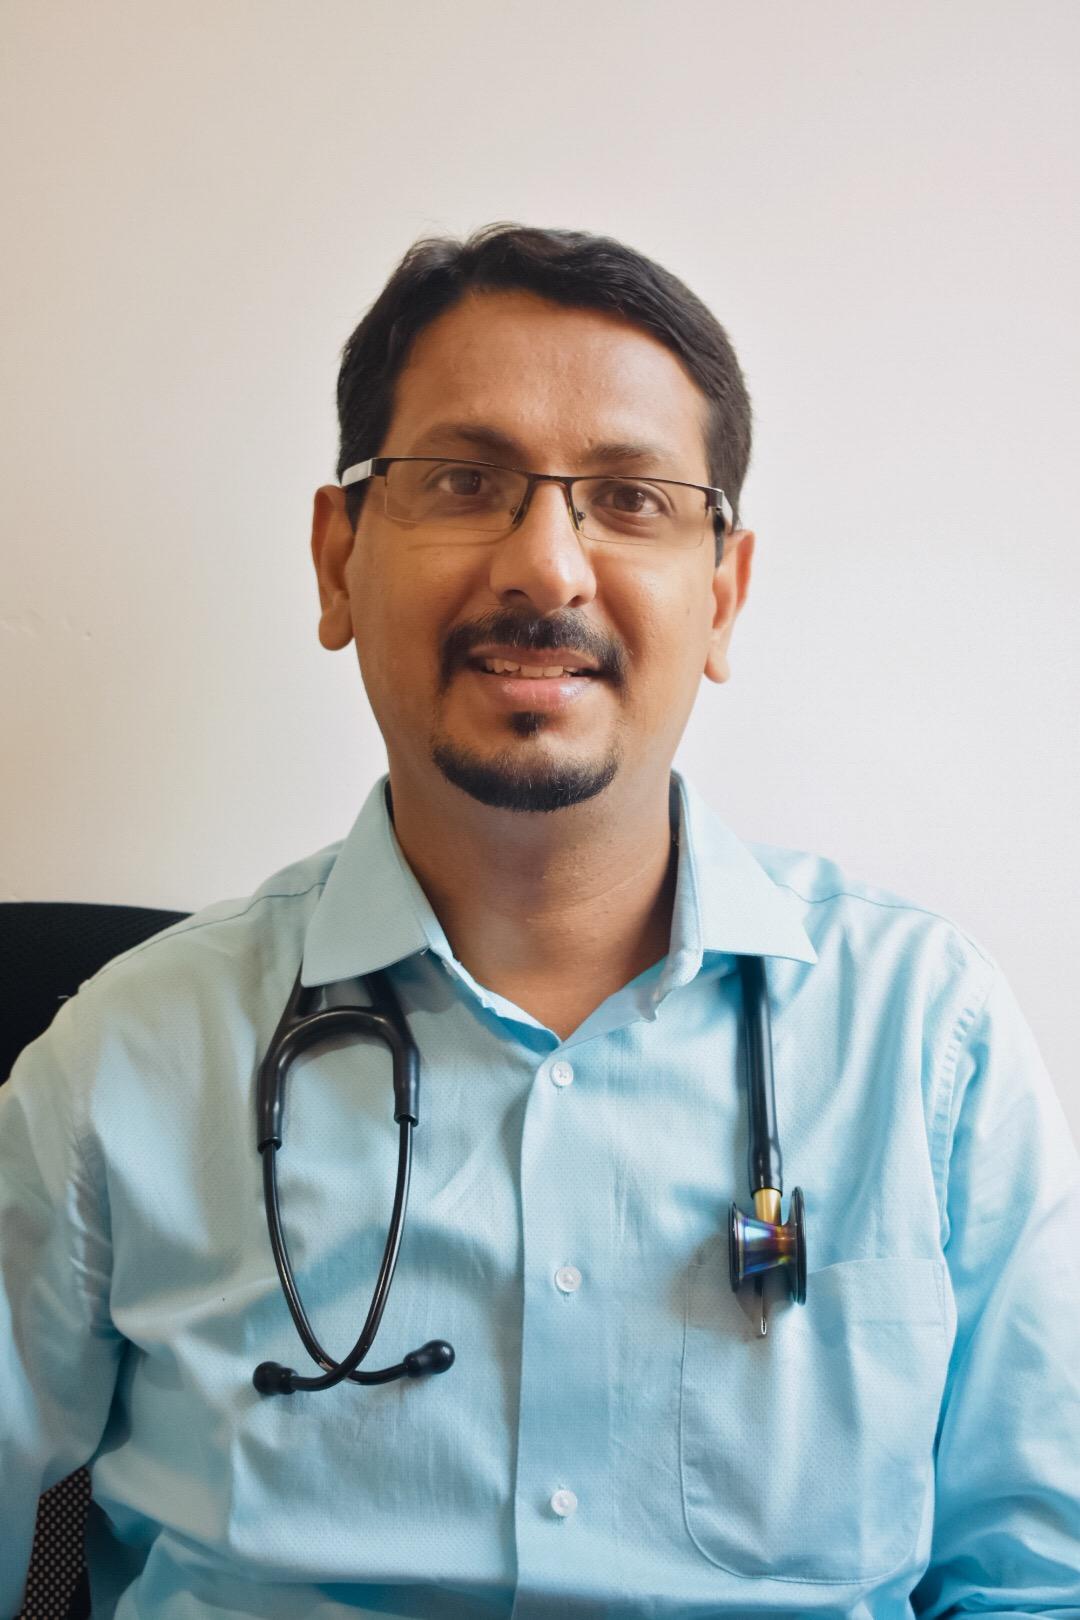 DR. JITHU SAM RAJAN